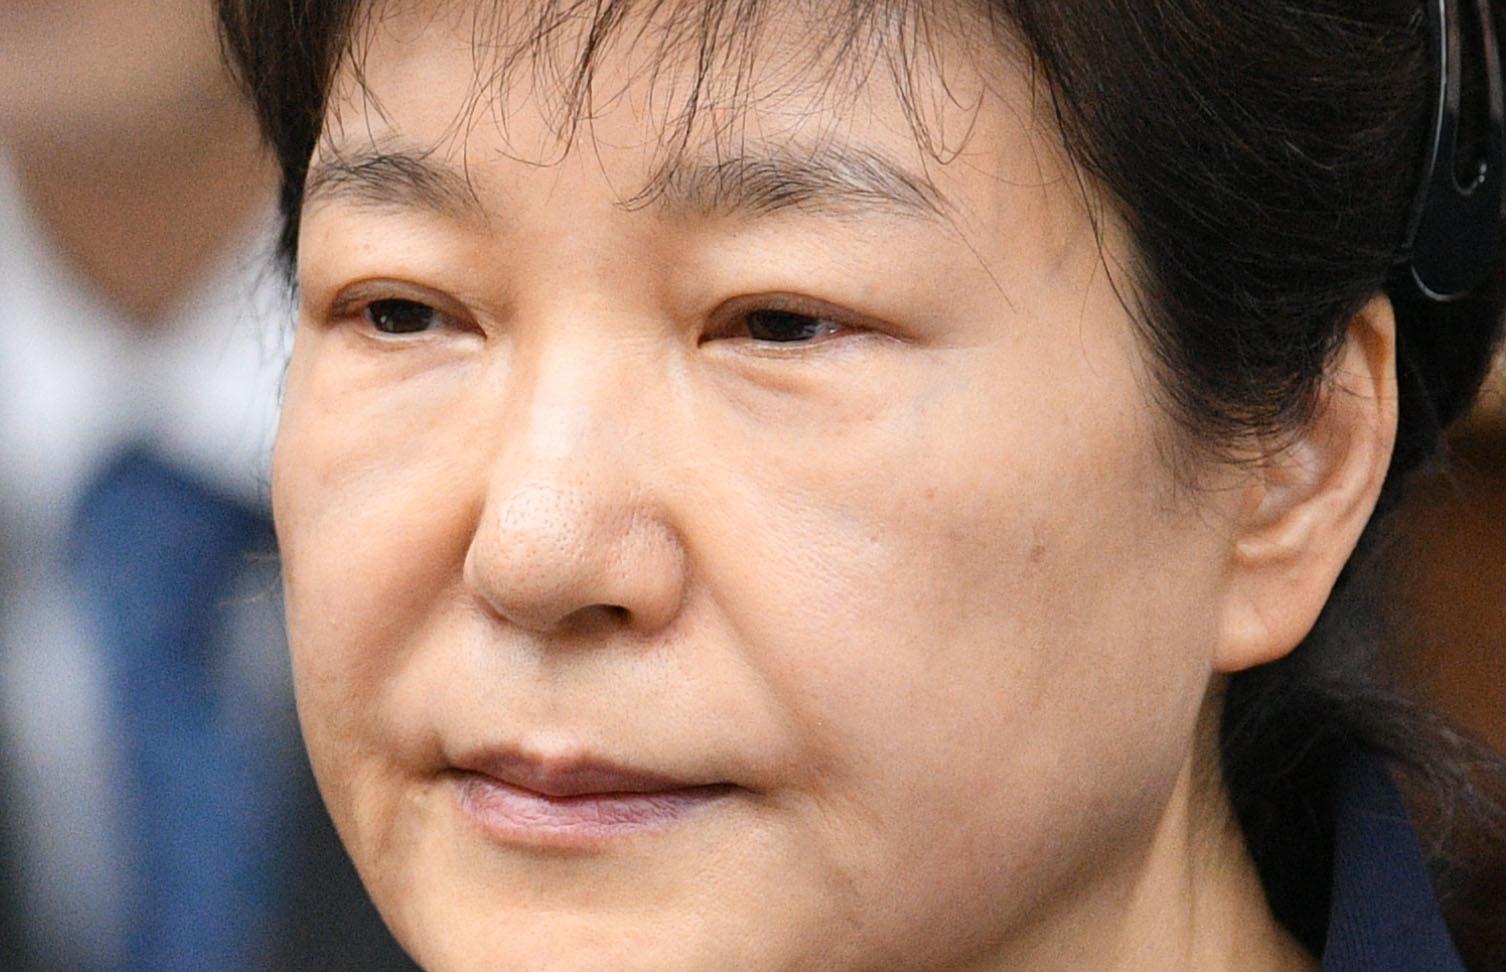 박근혜 전 대통령이 지난해 5월 23일 오전 서울중앙지법 417호 법정에 출석하고 있다. [사진공동취재단]